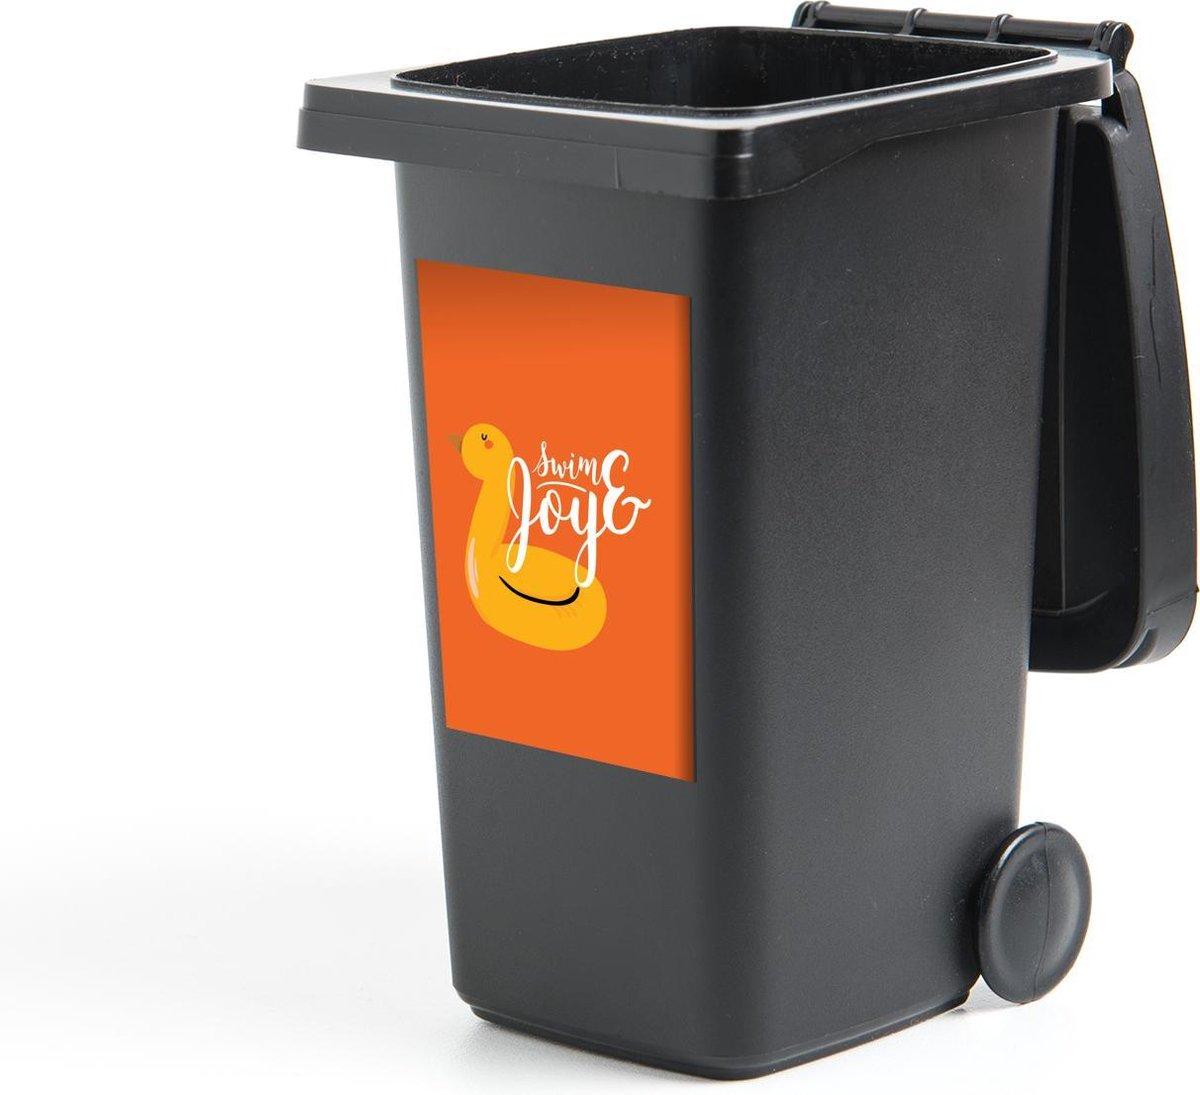 Container sticker Oranje - Geel - Zwemband - 40x60 cm - Kliko sticker